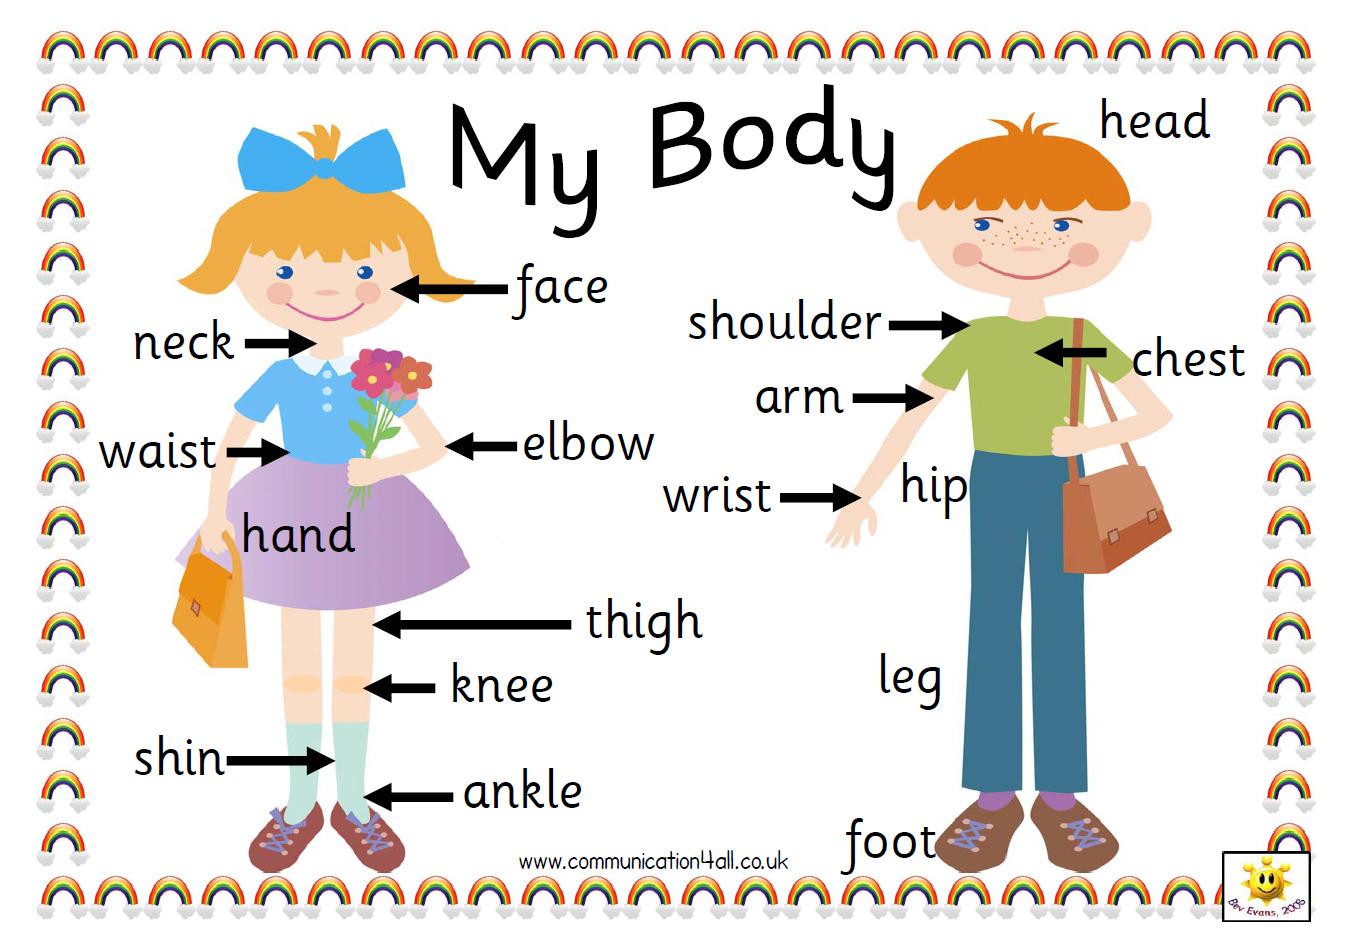 Les parts del cos